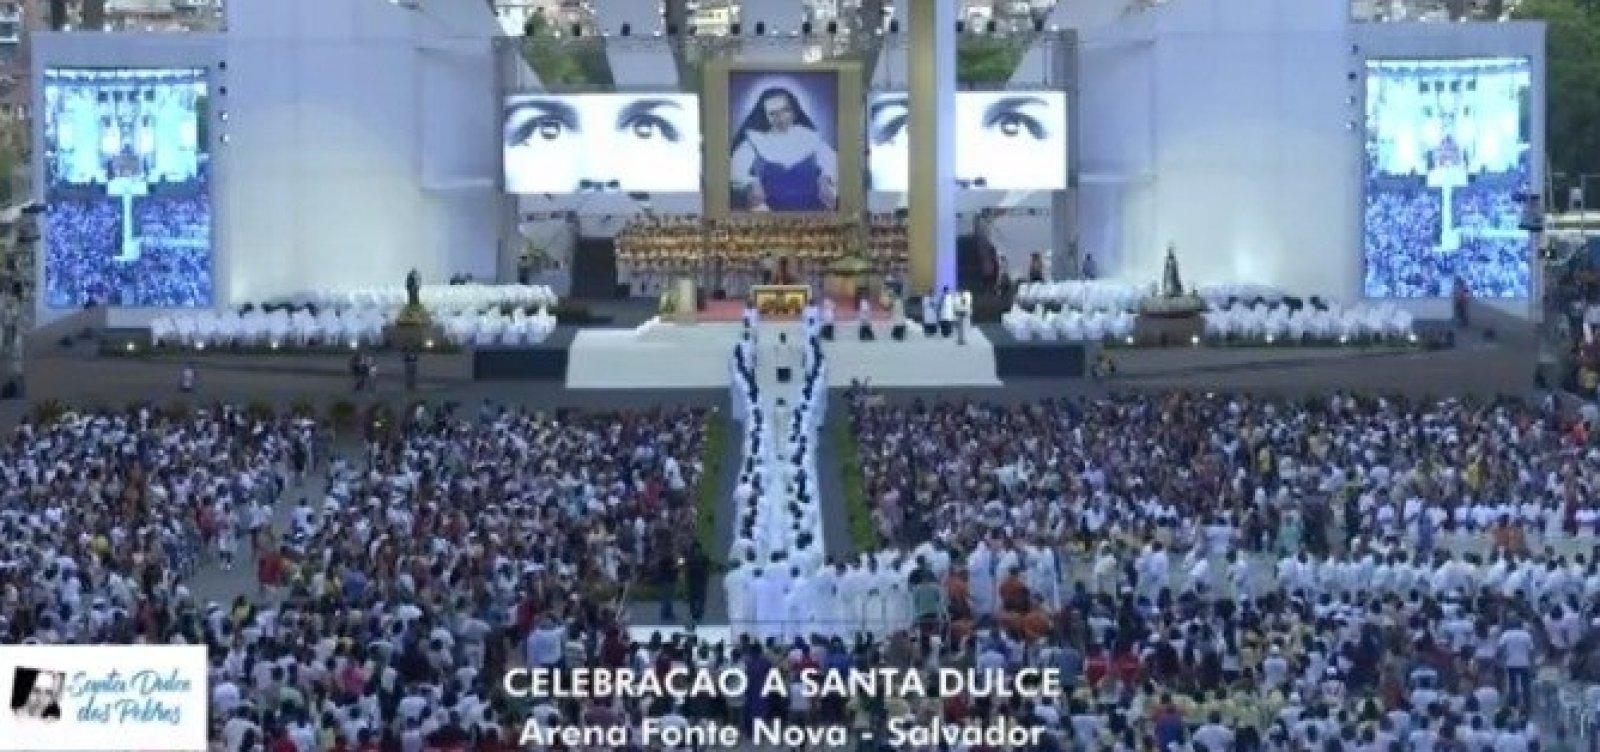 [Milhares de fiéis comparecem a celebração à Santa Dulce dos Pobres]